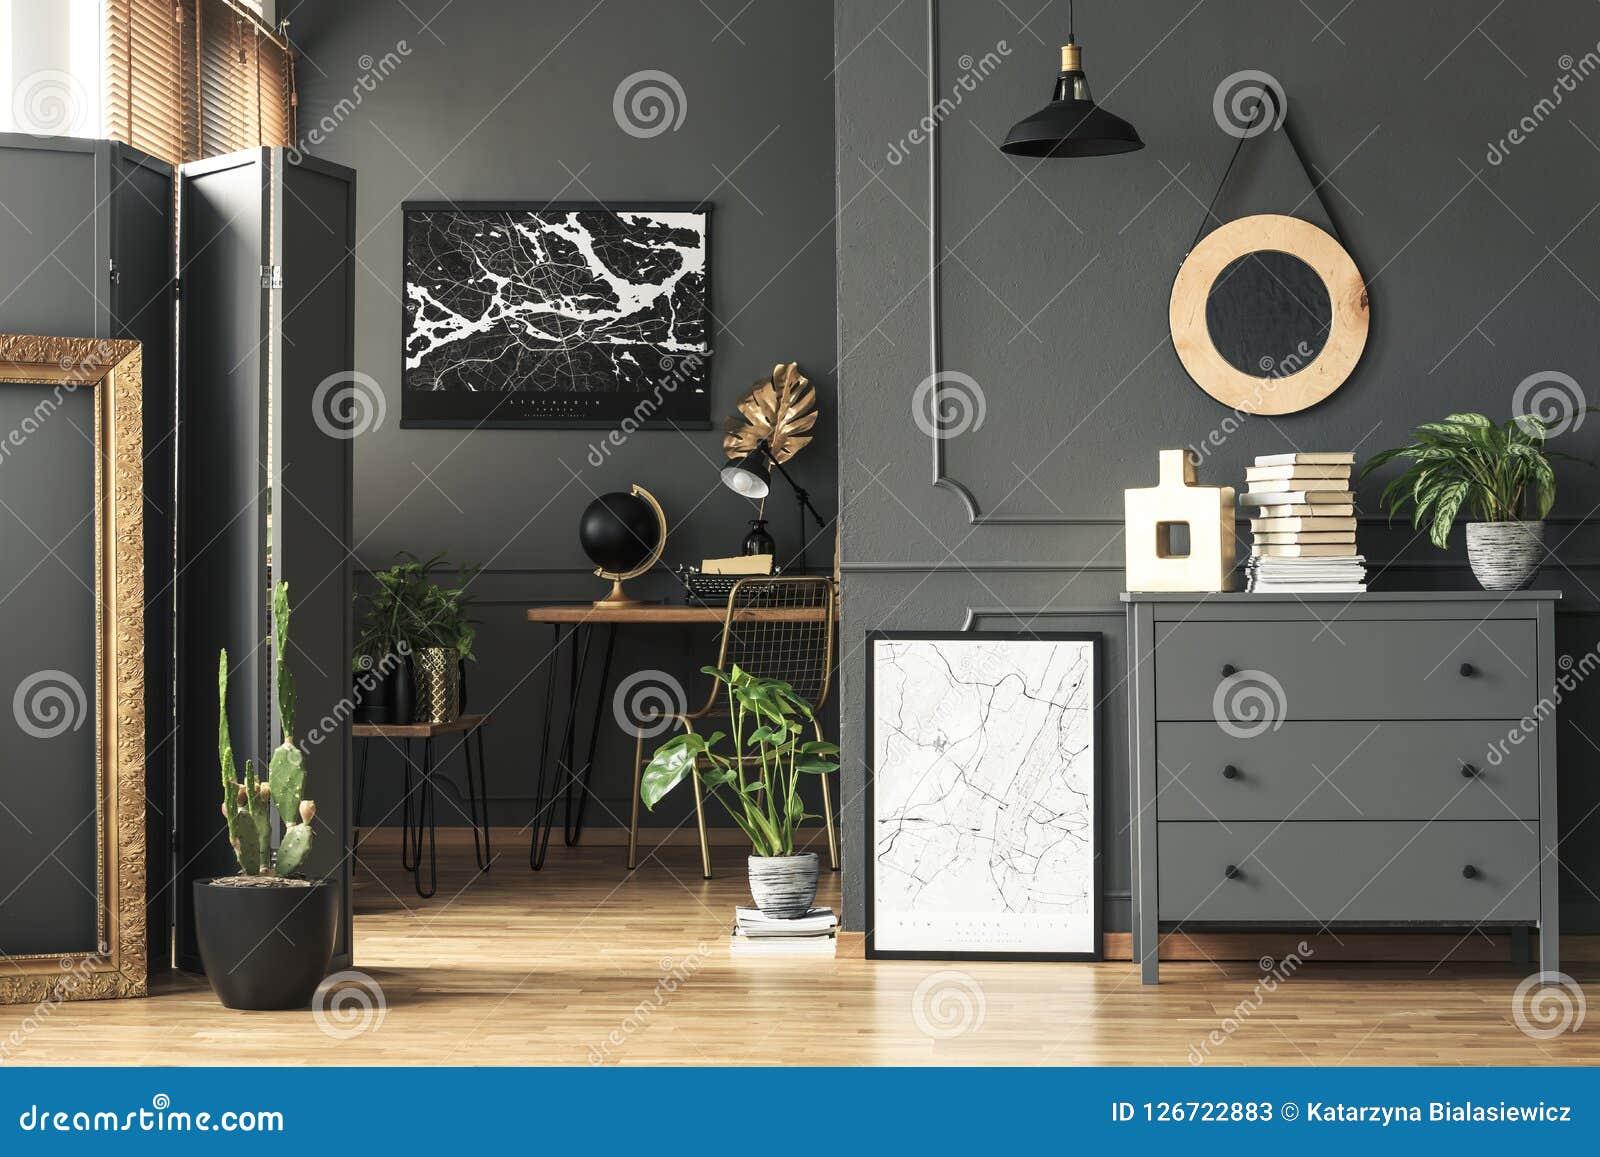 Zwarte kaart op grijze muur in donker woonkamerbinnenland met installaties